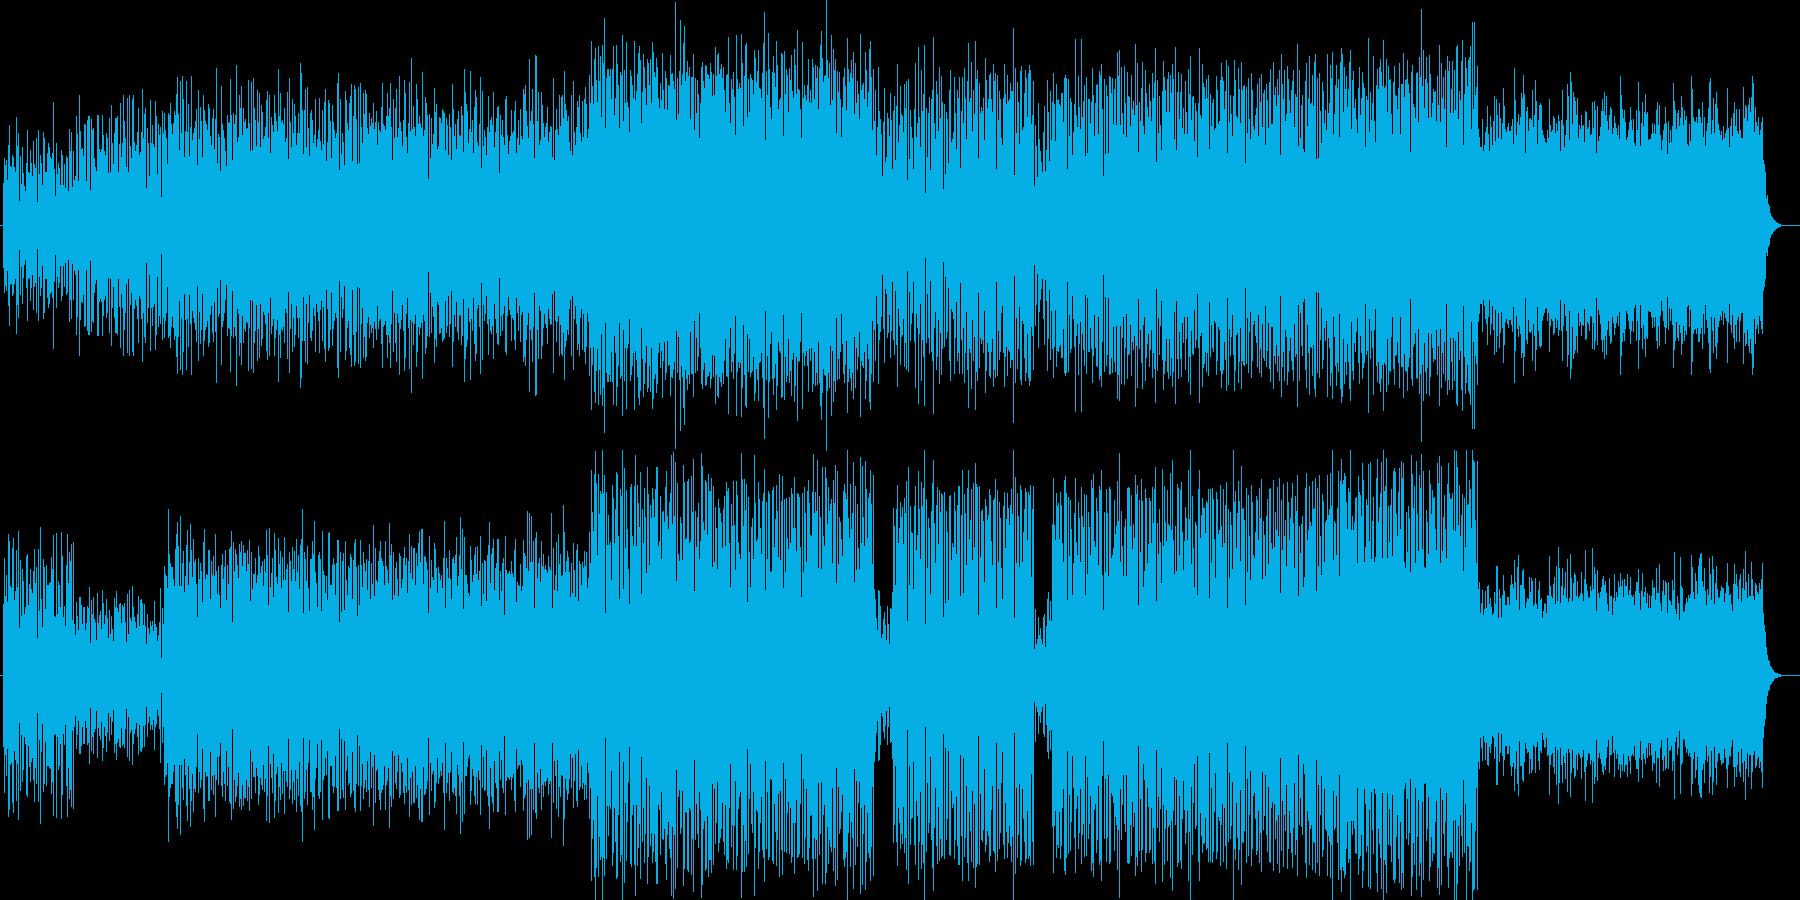 シリアスどきどき感シンセテクノポップの再生済みの波形